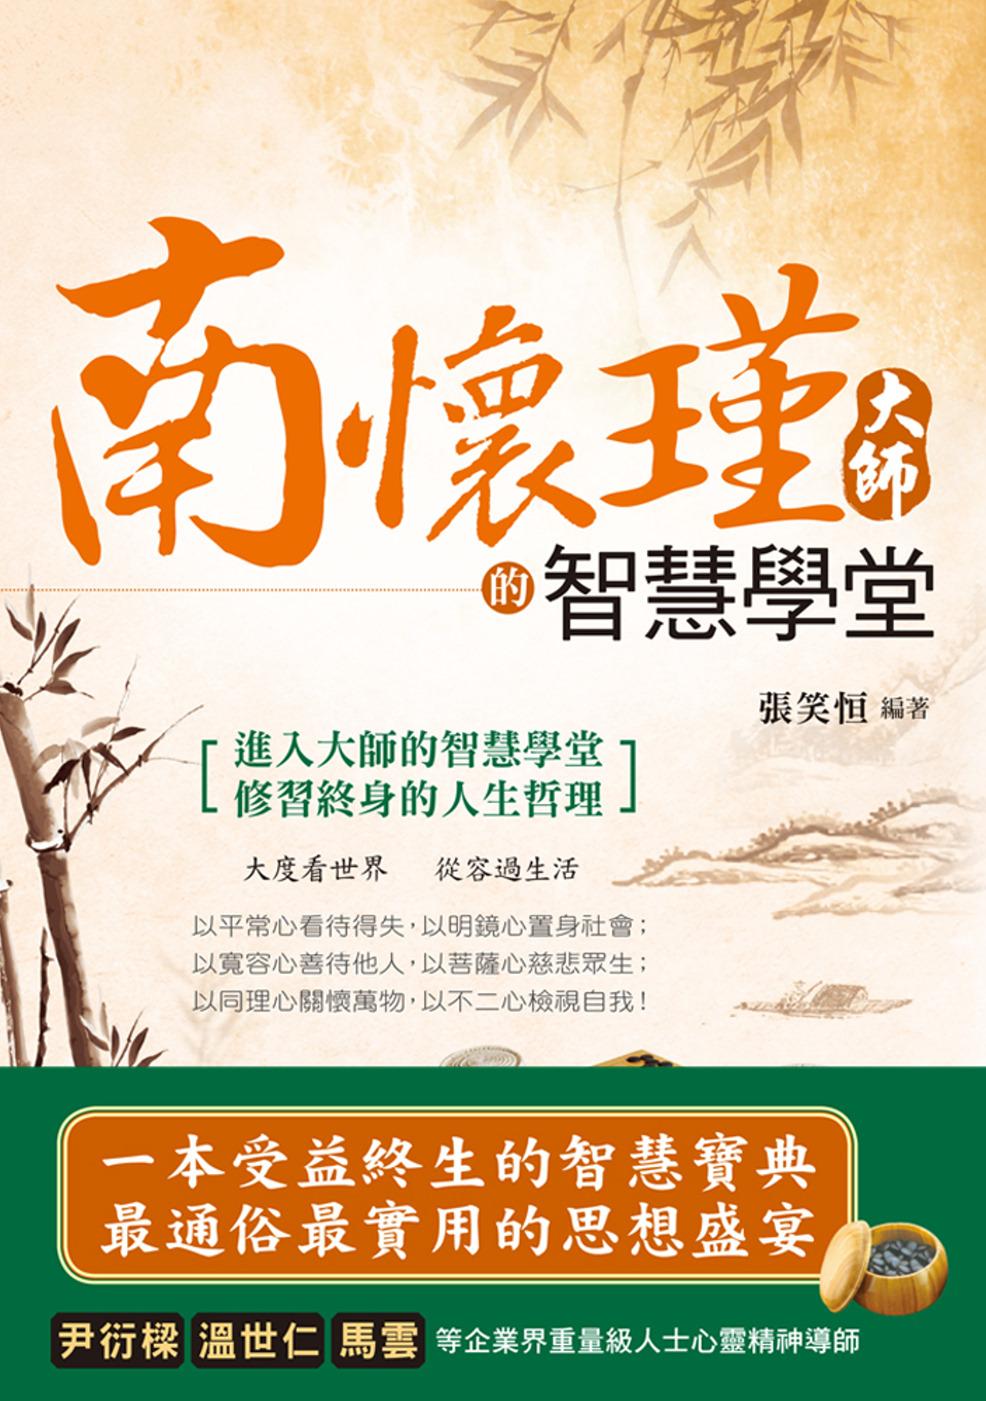 南懷瑾大師的智慧學堂